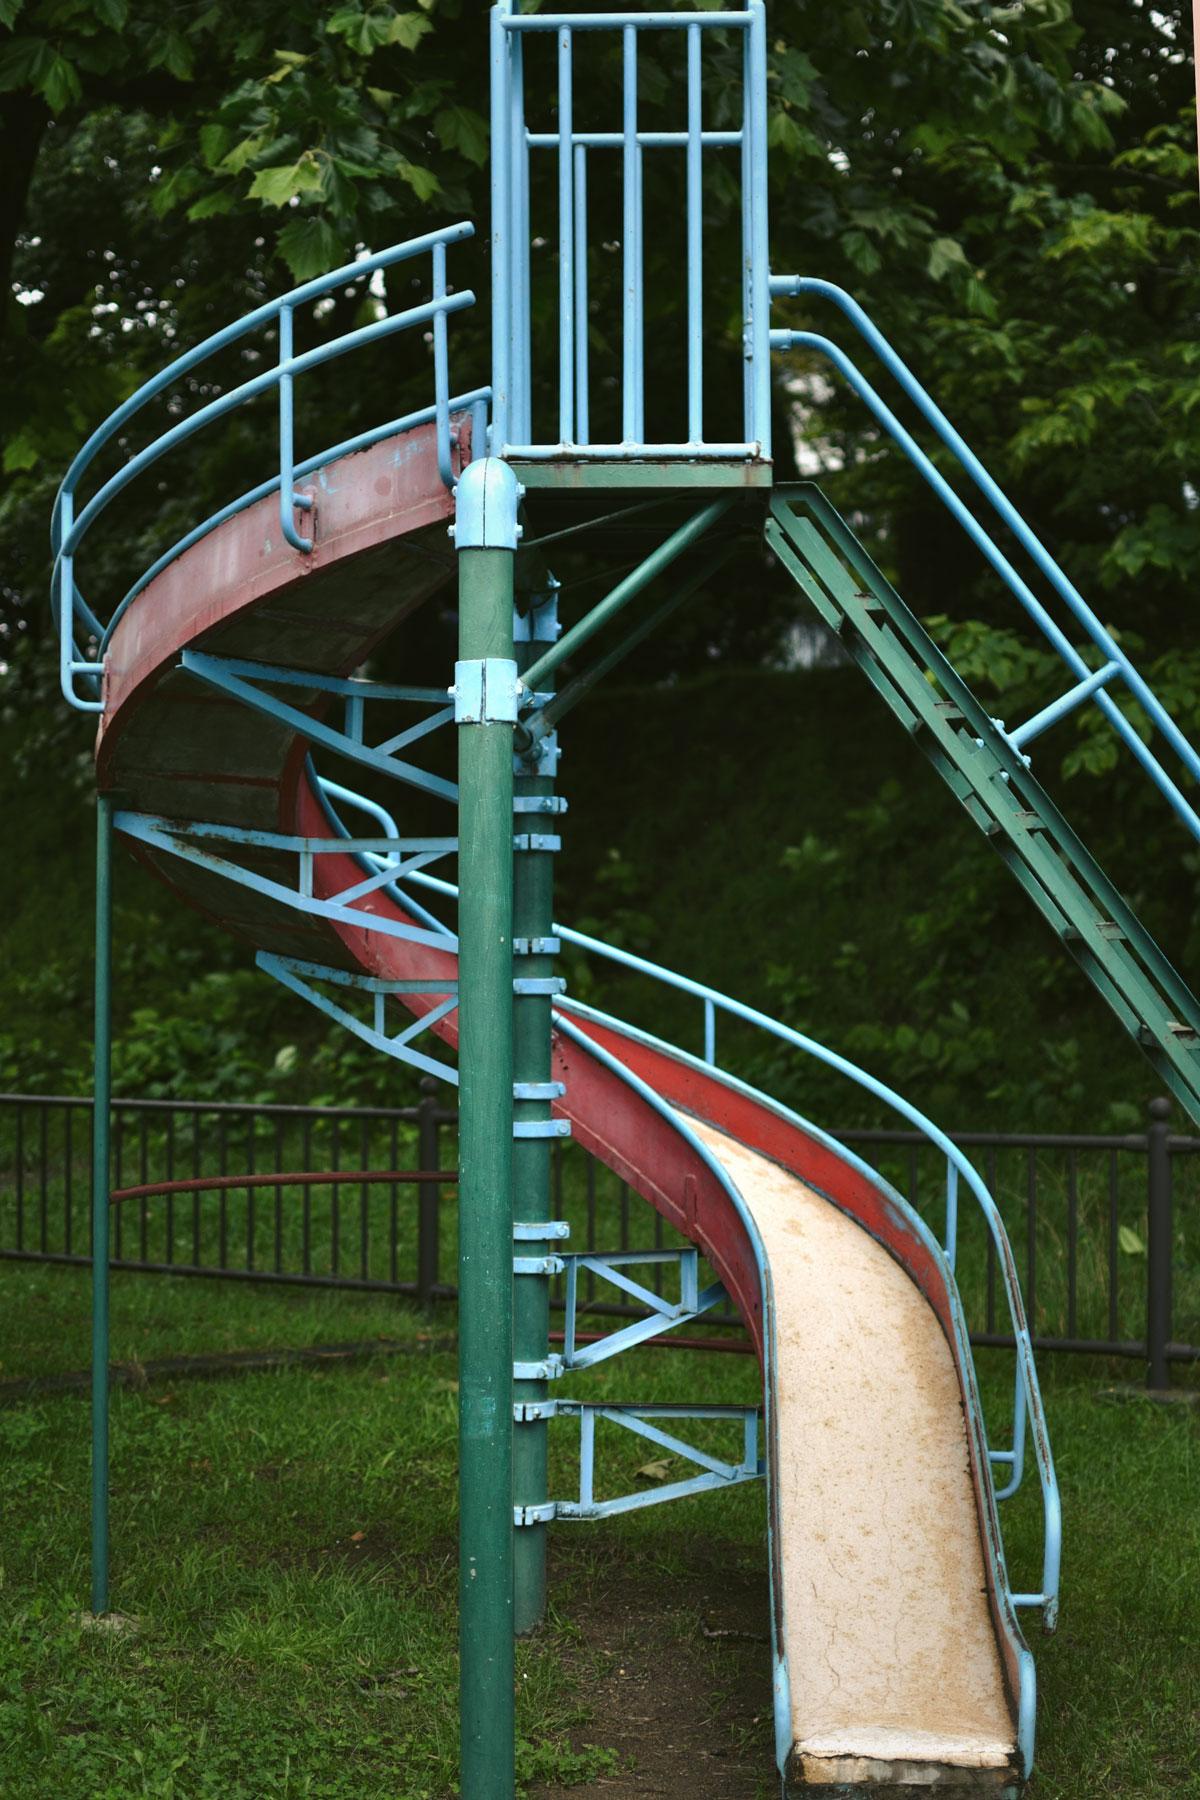 雨上がりの公園 遊ぶ人もいない滑り台 撮影:NIKON D90 + NIKKOR 35mm